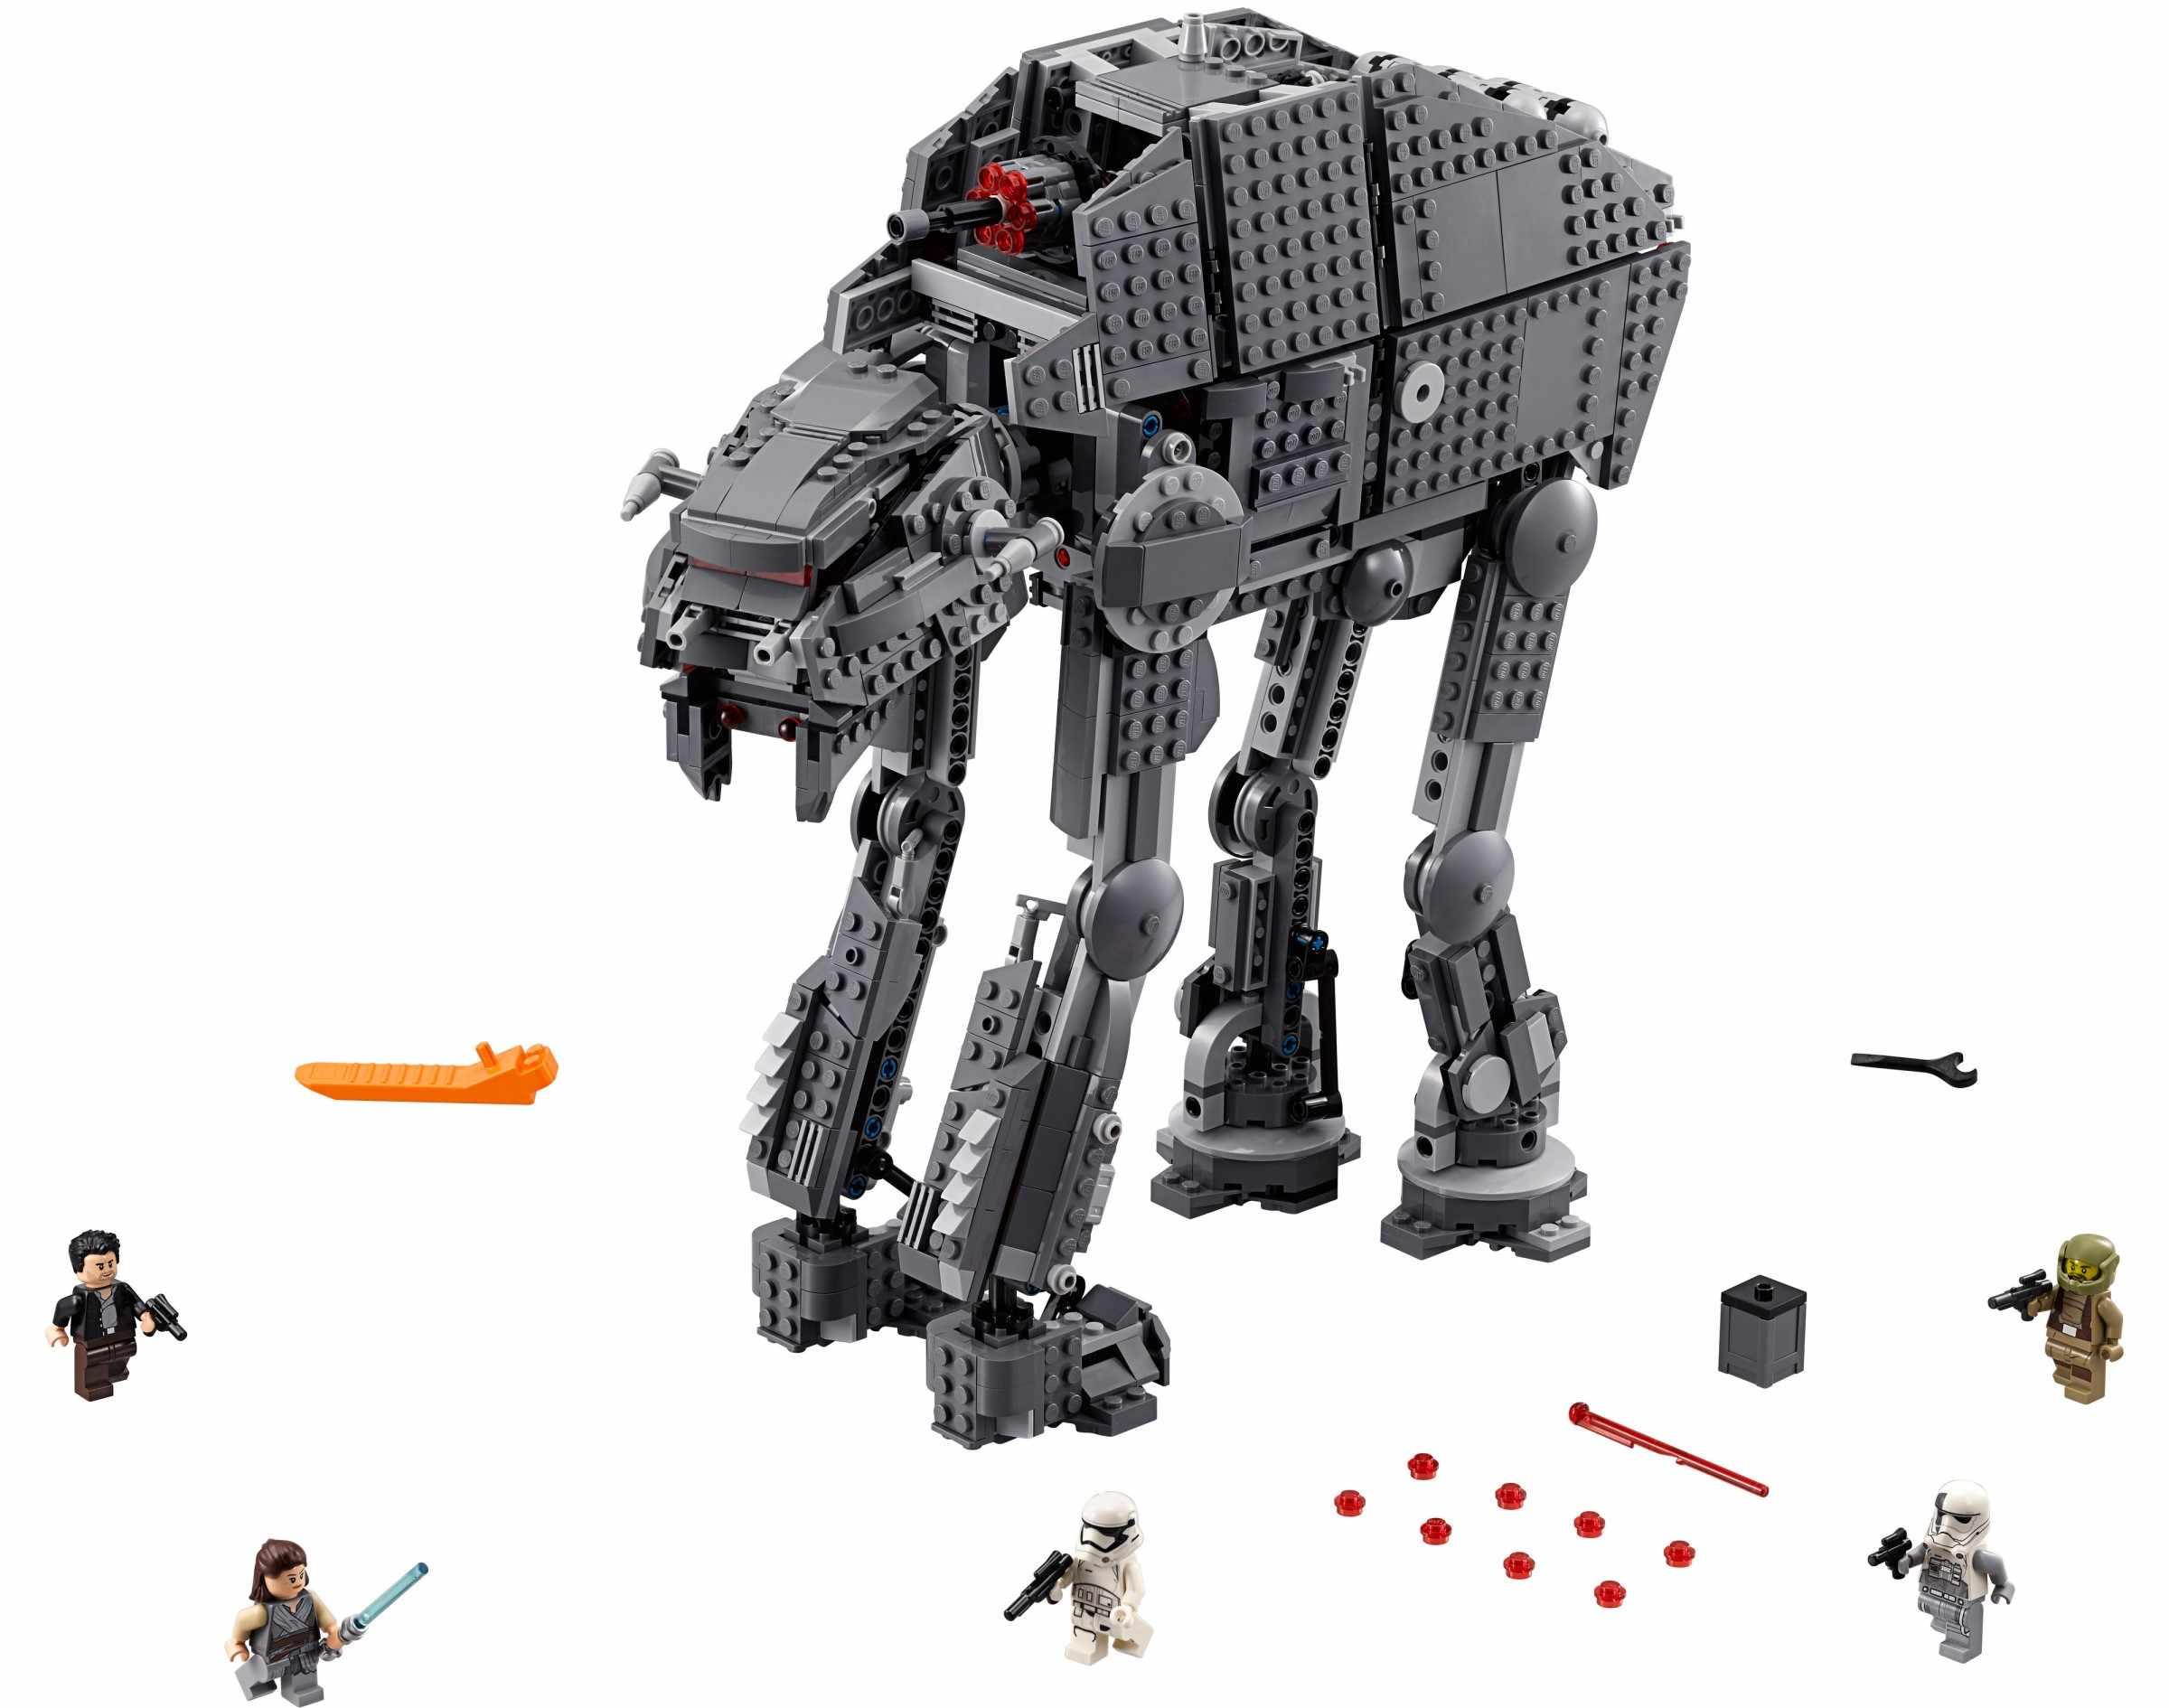 05130 Совместимые модели lepining Star Wars Heavy Assault Walker, строительные блоки, Подарочные игрушки для детей